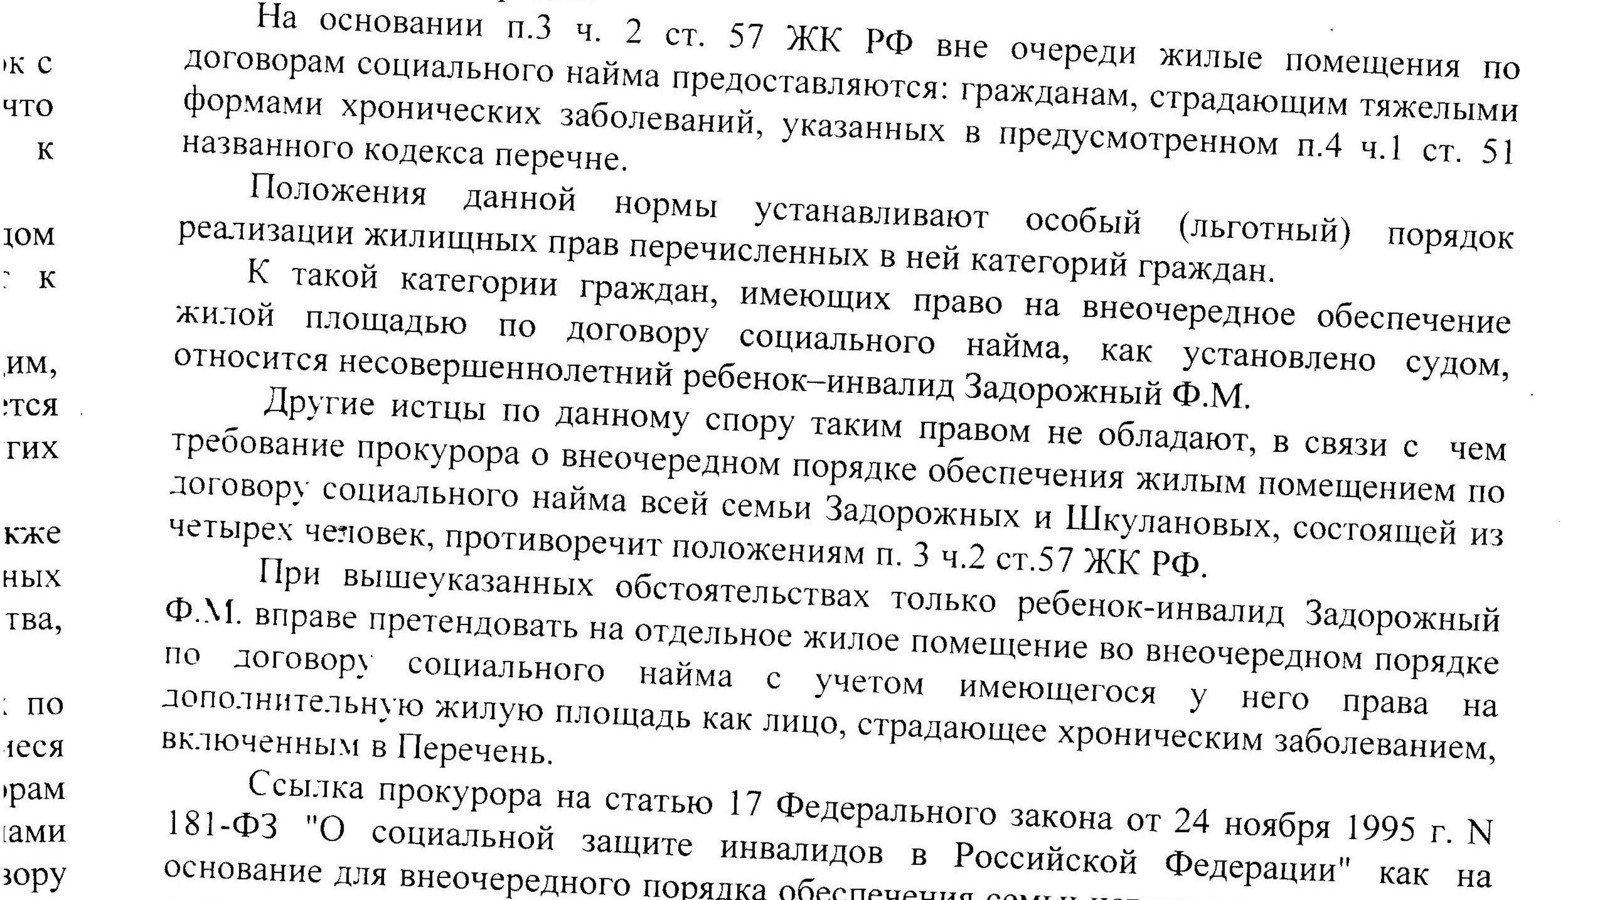 жилищный кодекс рф ст 57